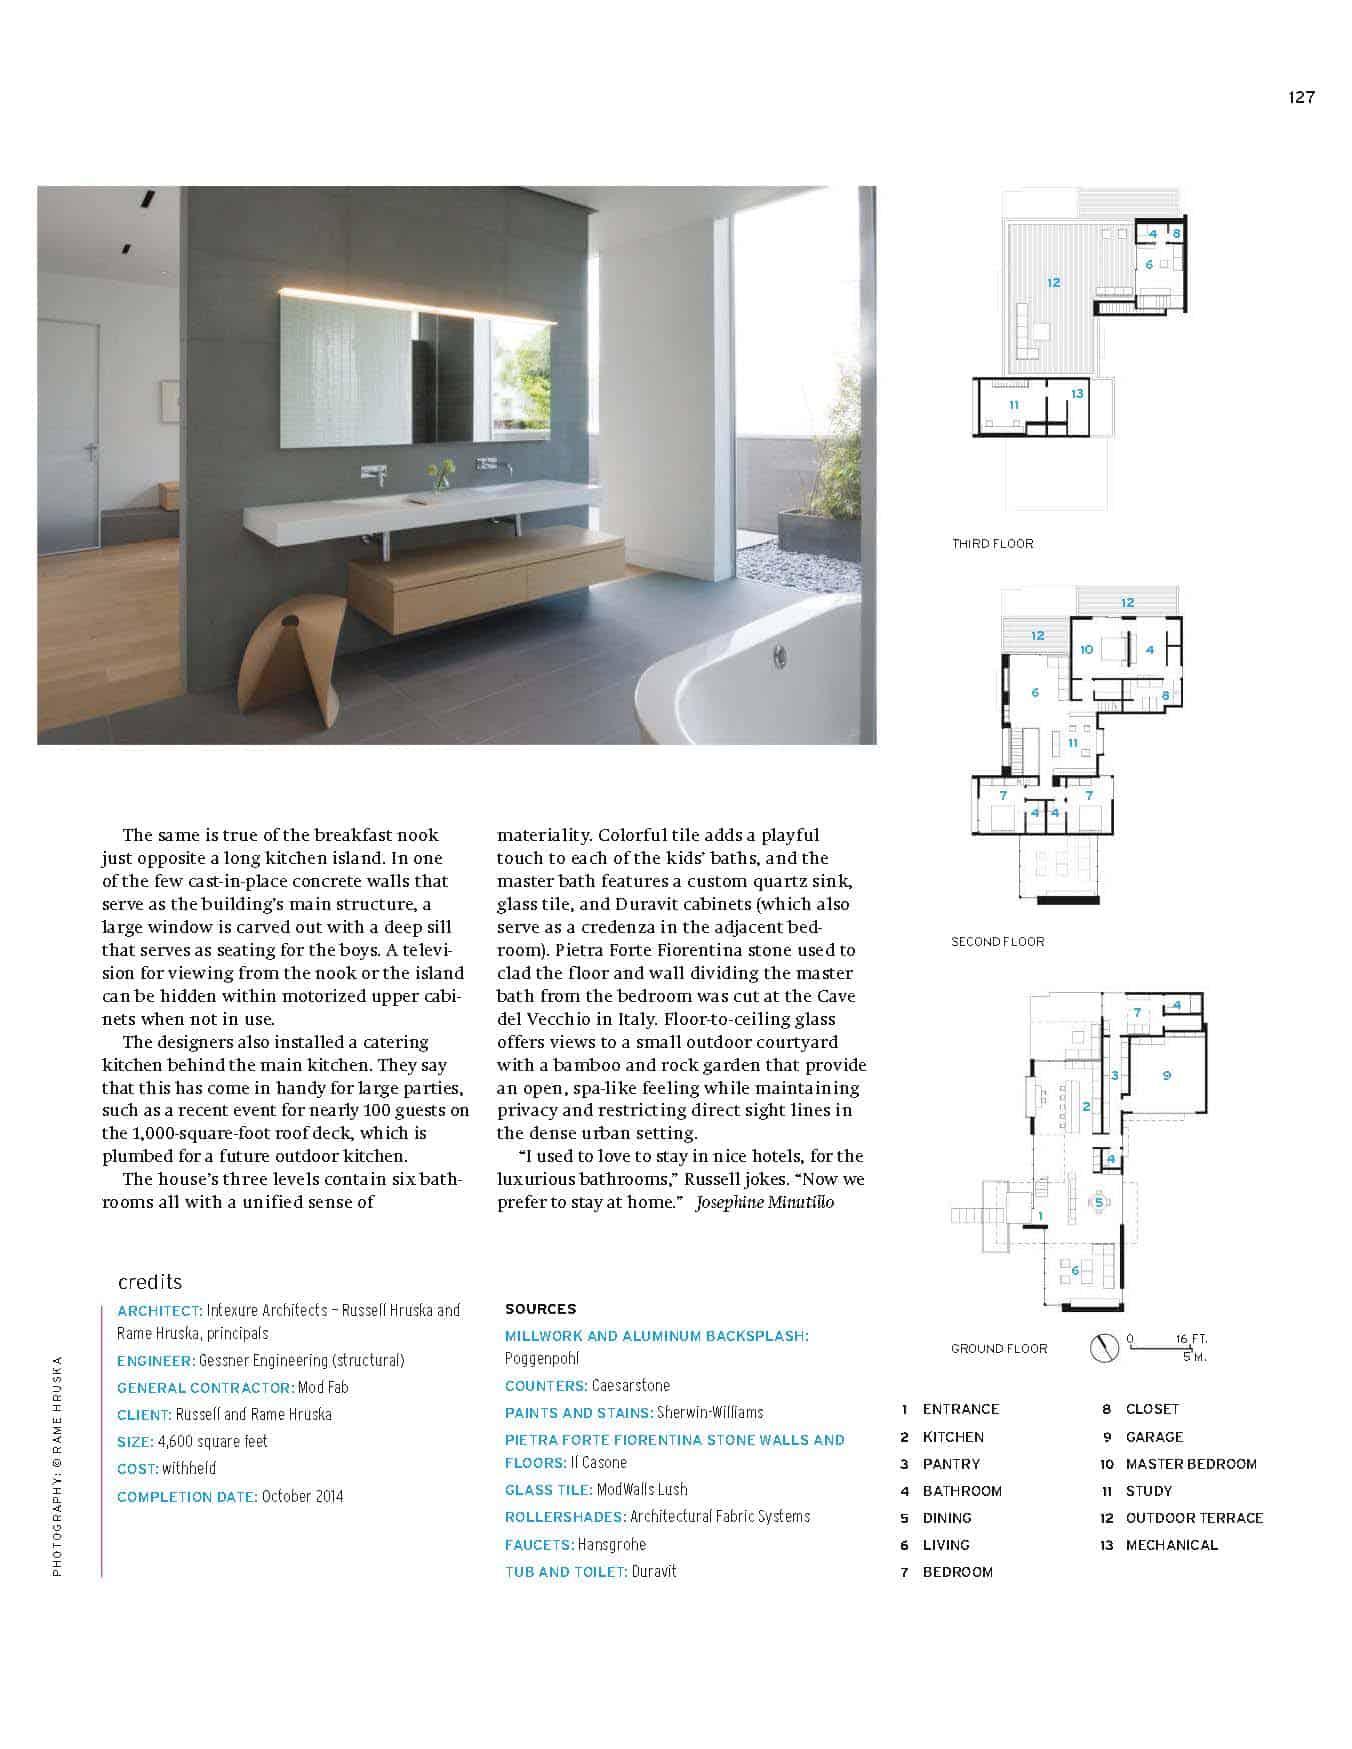 Architectural Record Magazine Intexure Bath